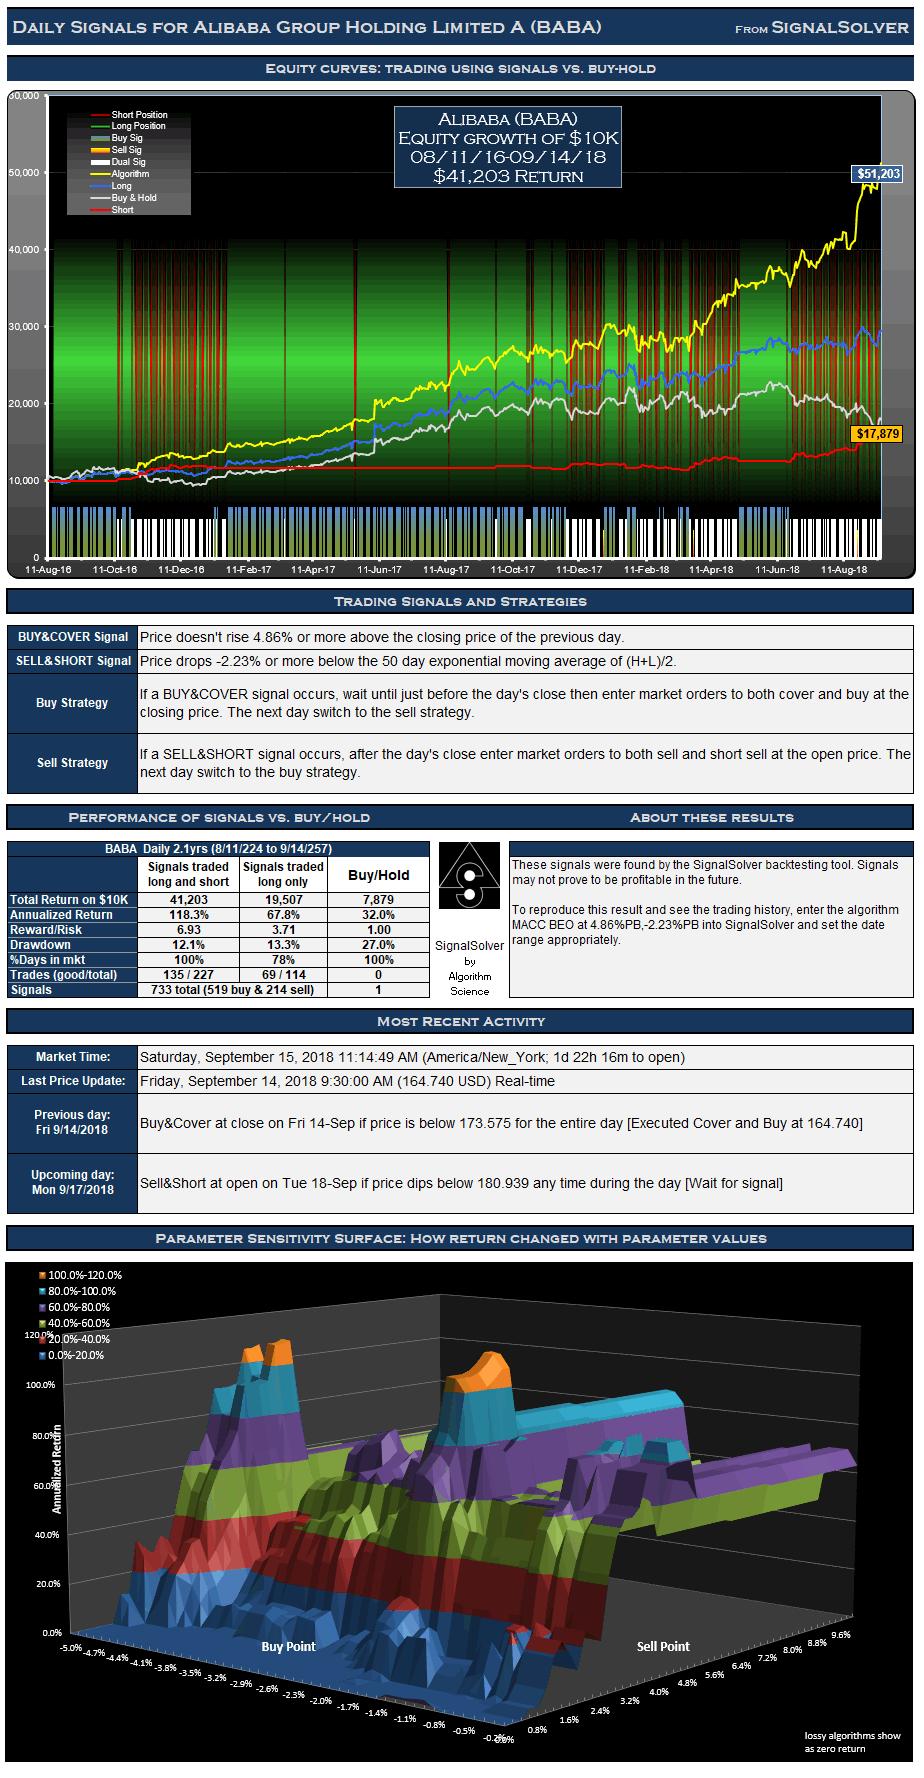 Alibaba (BABA) Daily Signals